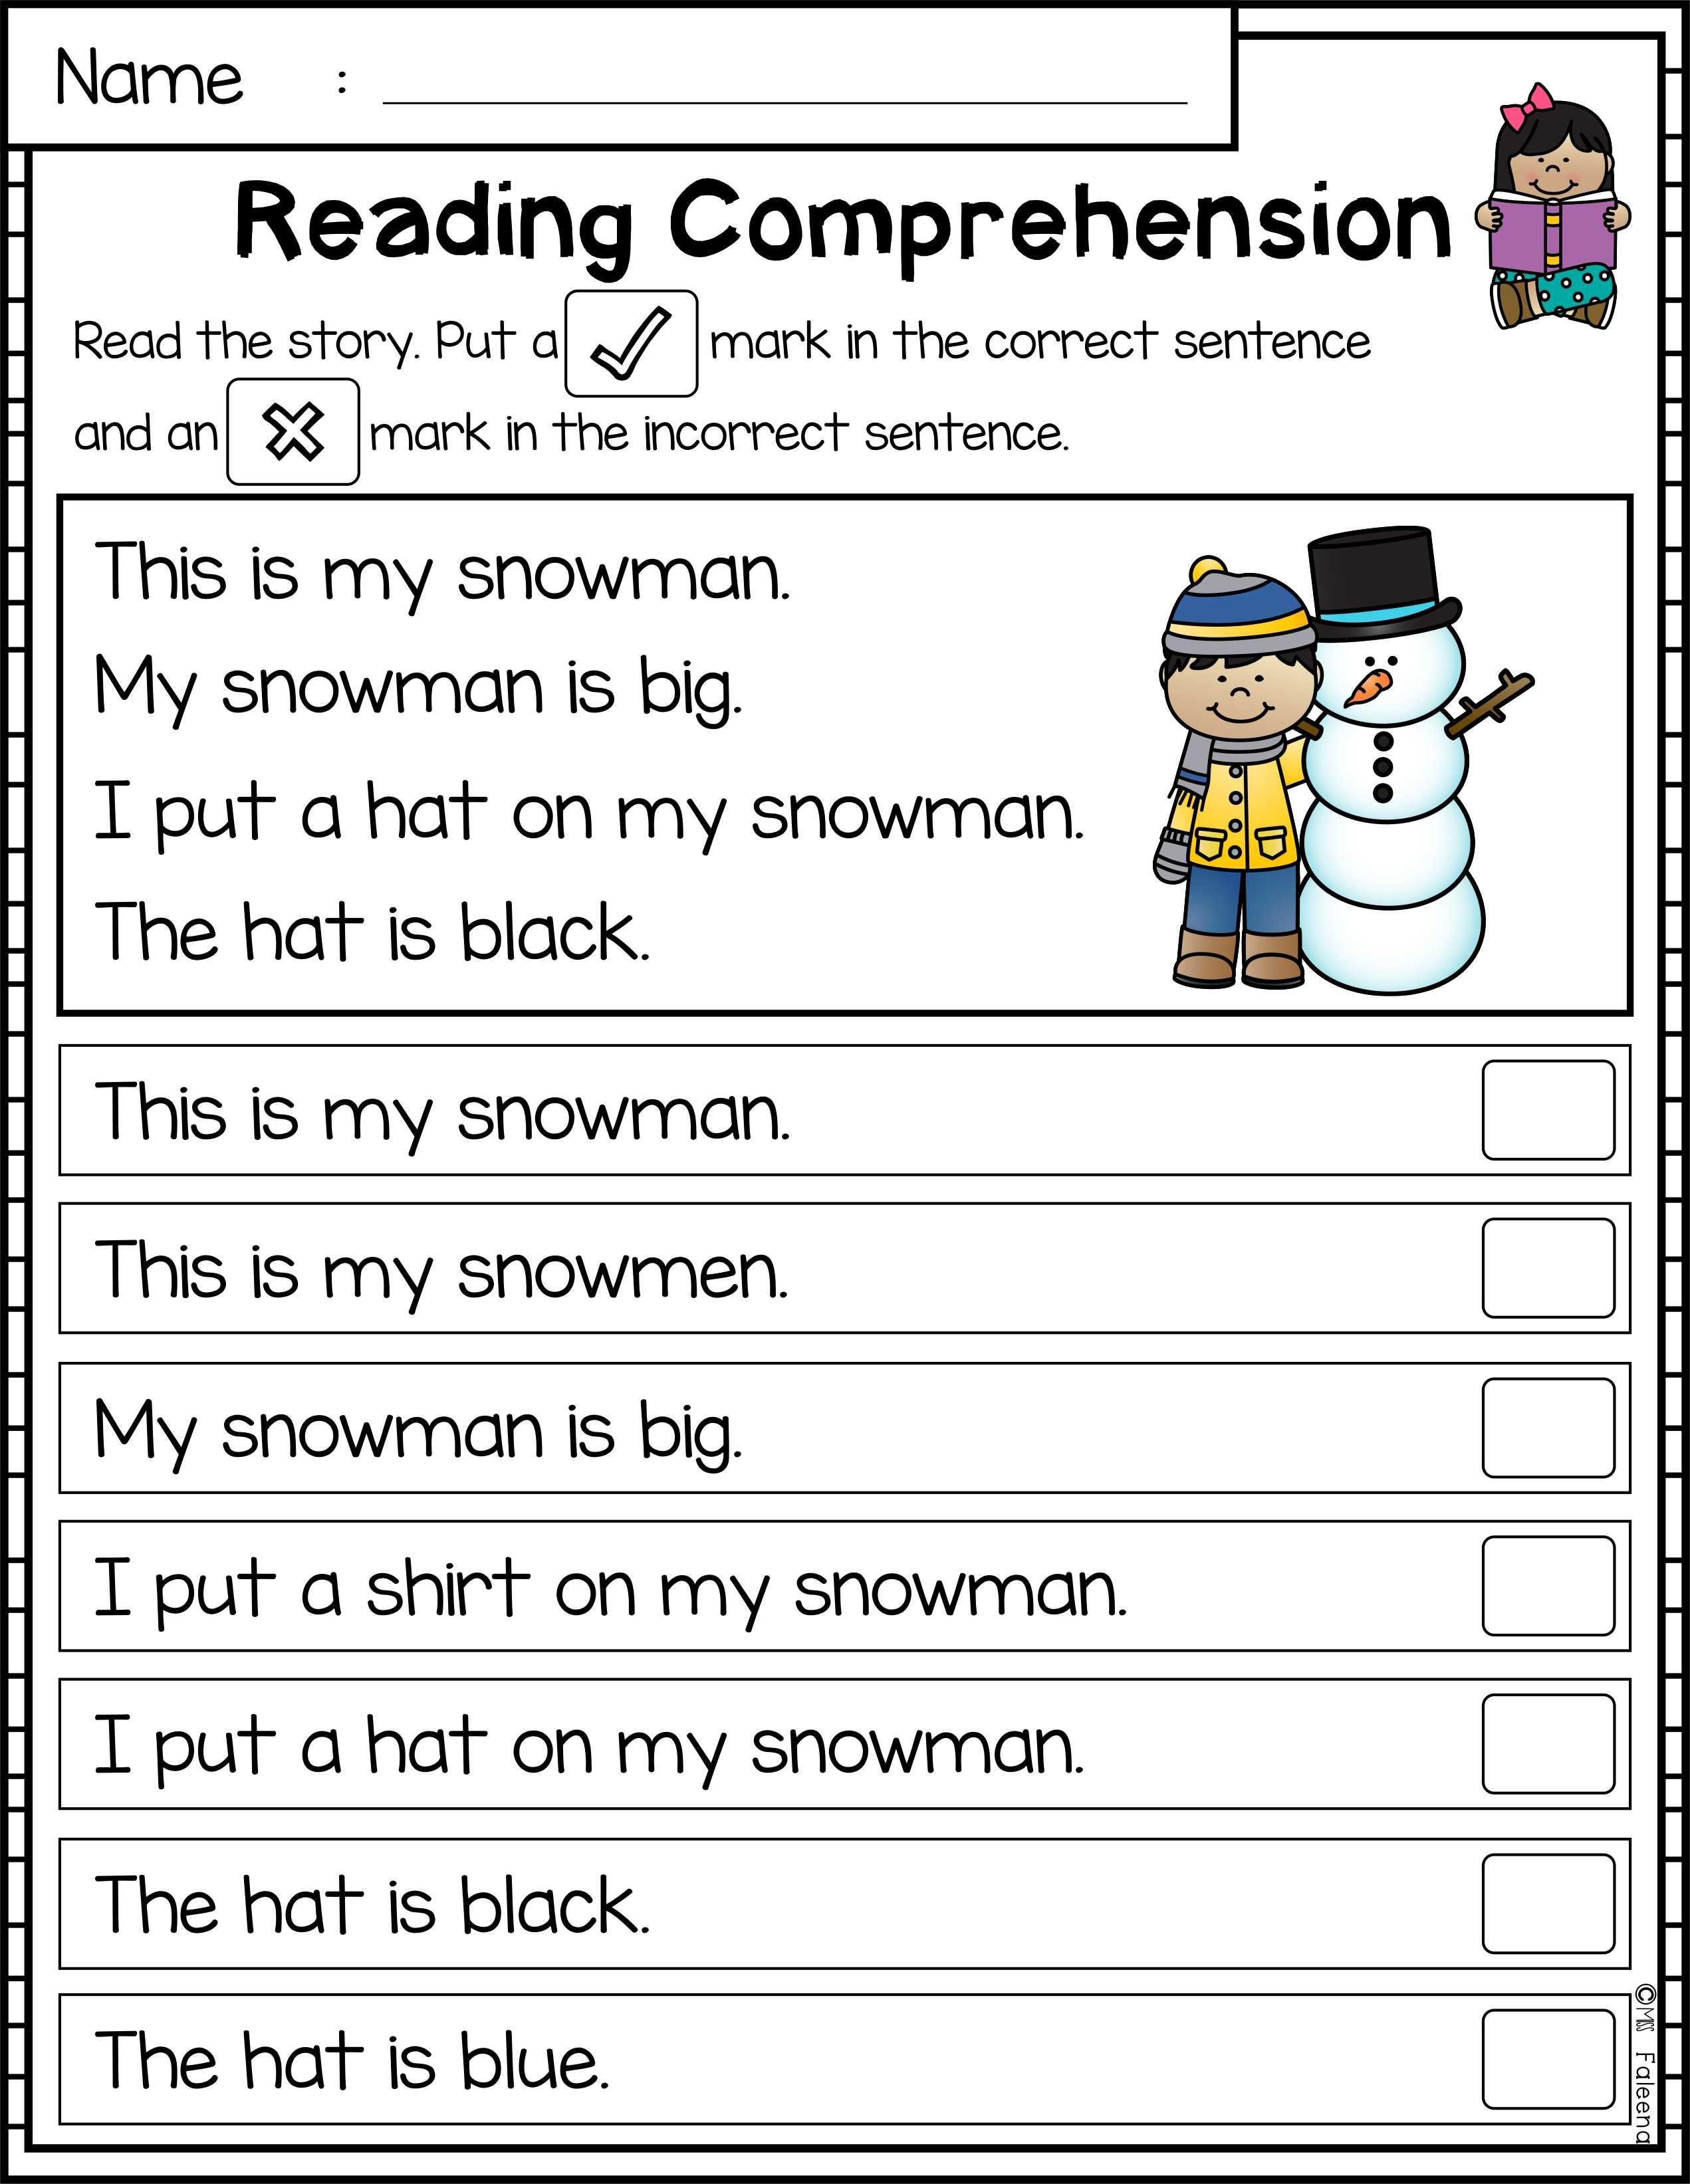 Free Reading Comprehension Passages Is Suitable For Kindergarten Studen Reading Comprehension Reading Comprehension Passages Reading Comprehension Kindergarten [ 3286 x 2542 Pixel ]